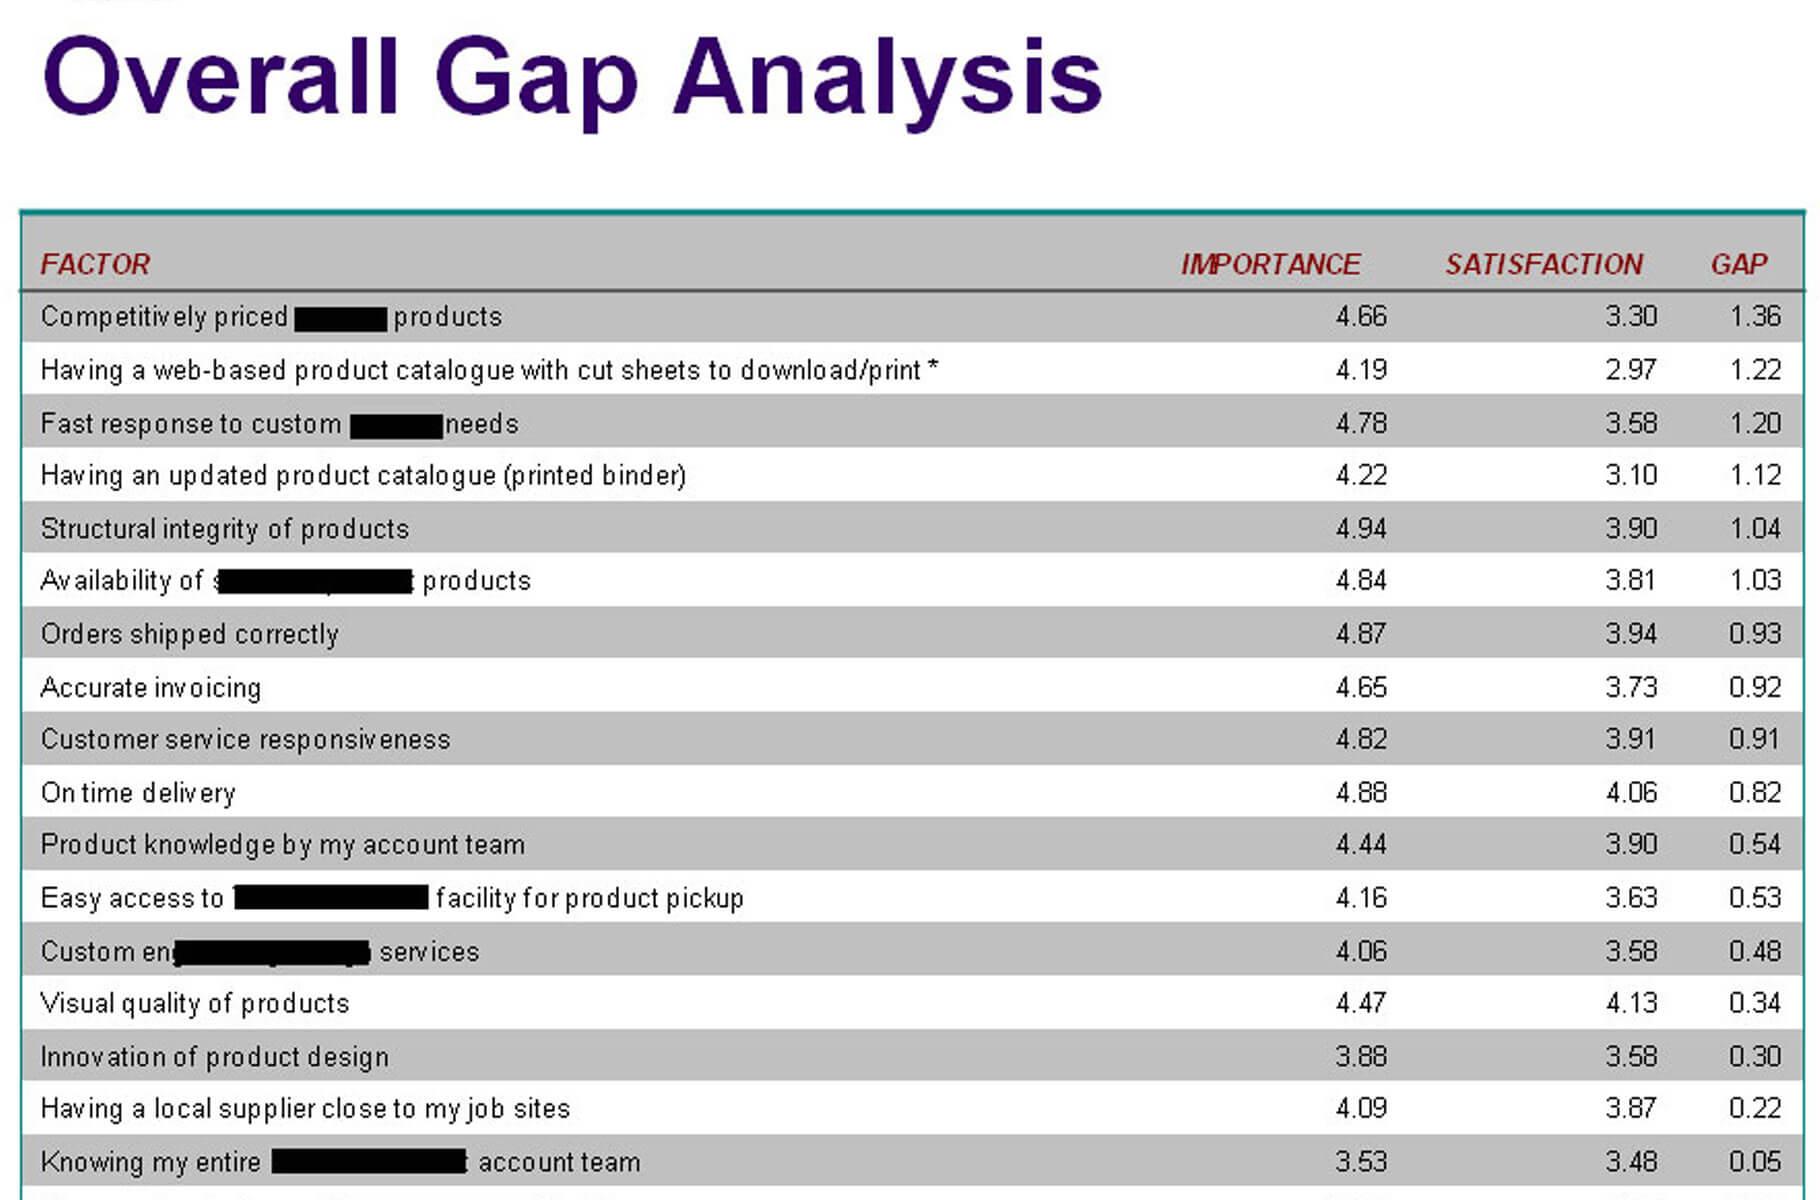 IMPORTANCE-&-SATISACTION-FACTOR-GAP-ANALYSIS